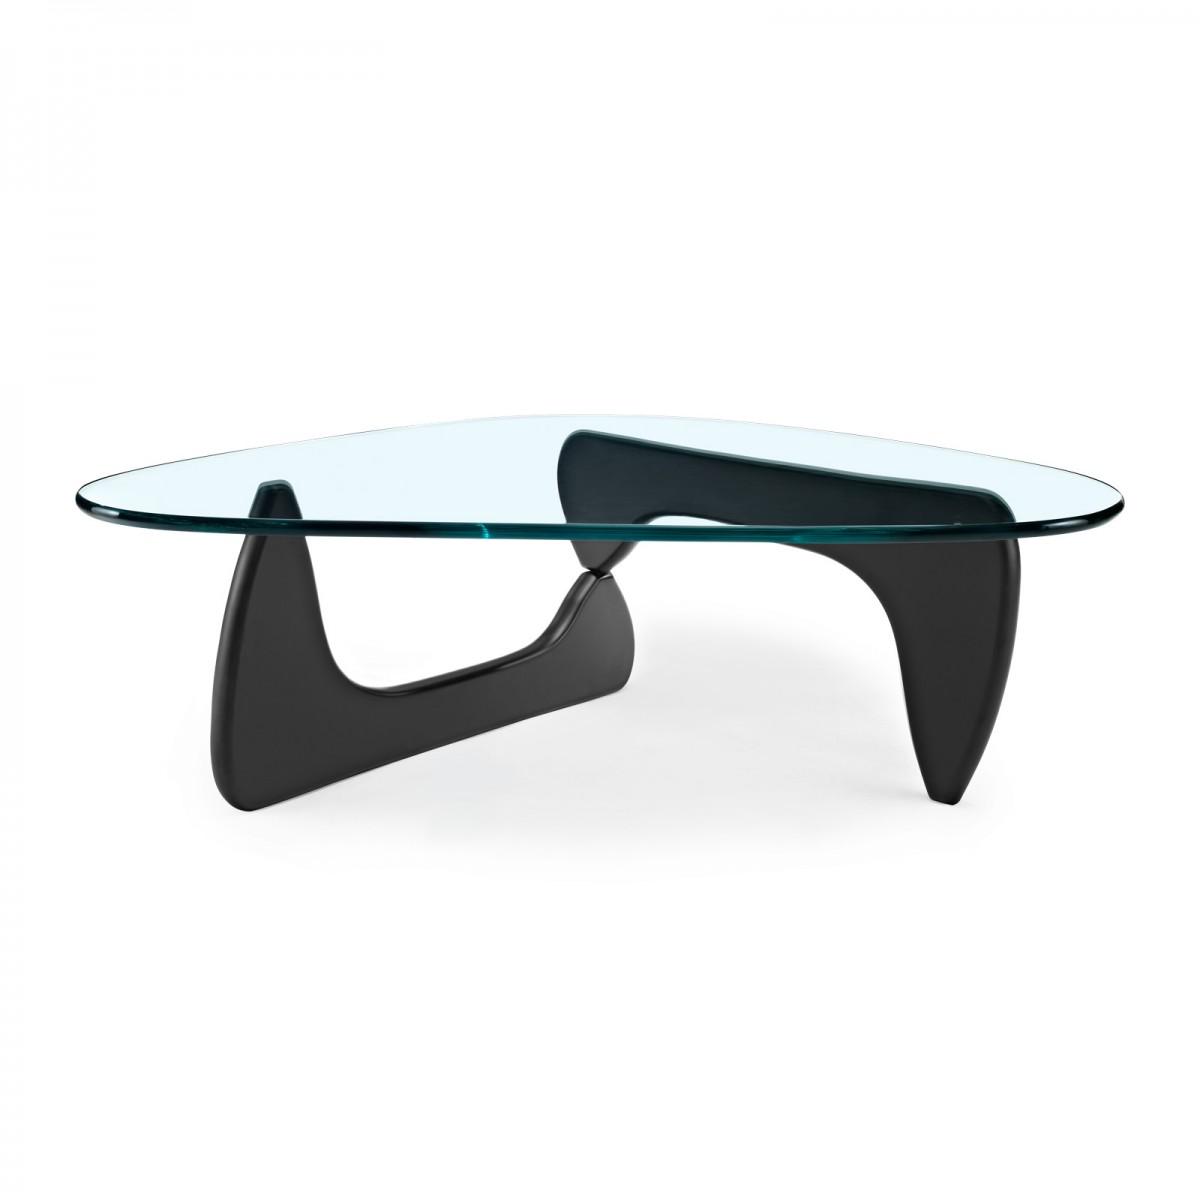 Isamu Noguchi   Designad år 1939   Soffbord. Bordsunderrende i svartlaserad ask. Bordsskiva av 19 mm härdat glas.   B: 120 cm, D 93 cm, H 40 cm.     Lagerstatus: I lager.